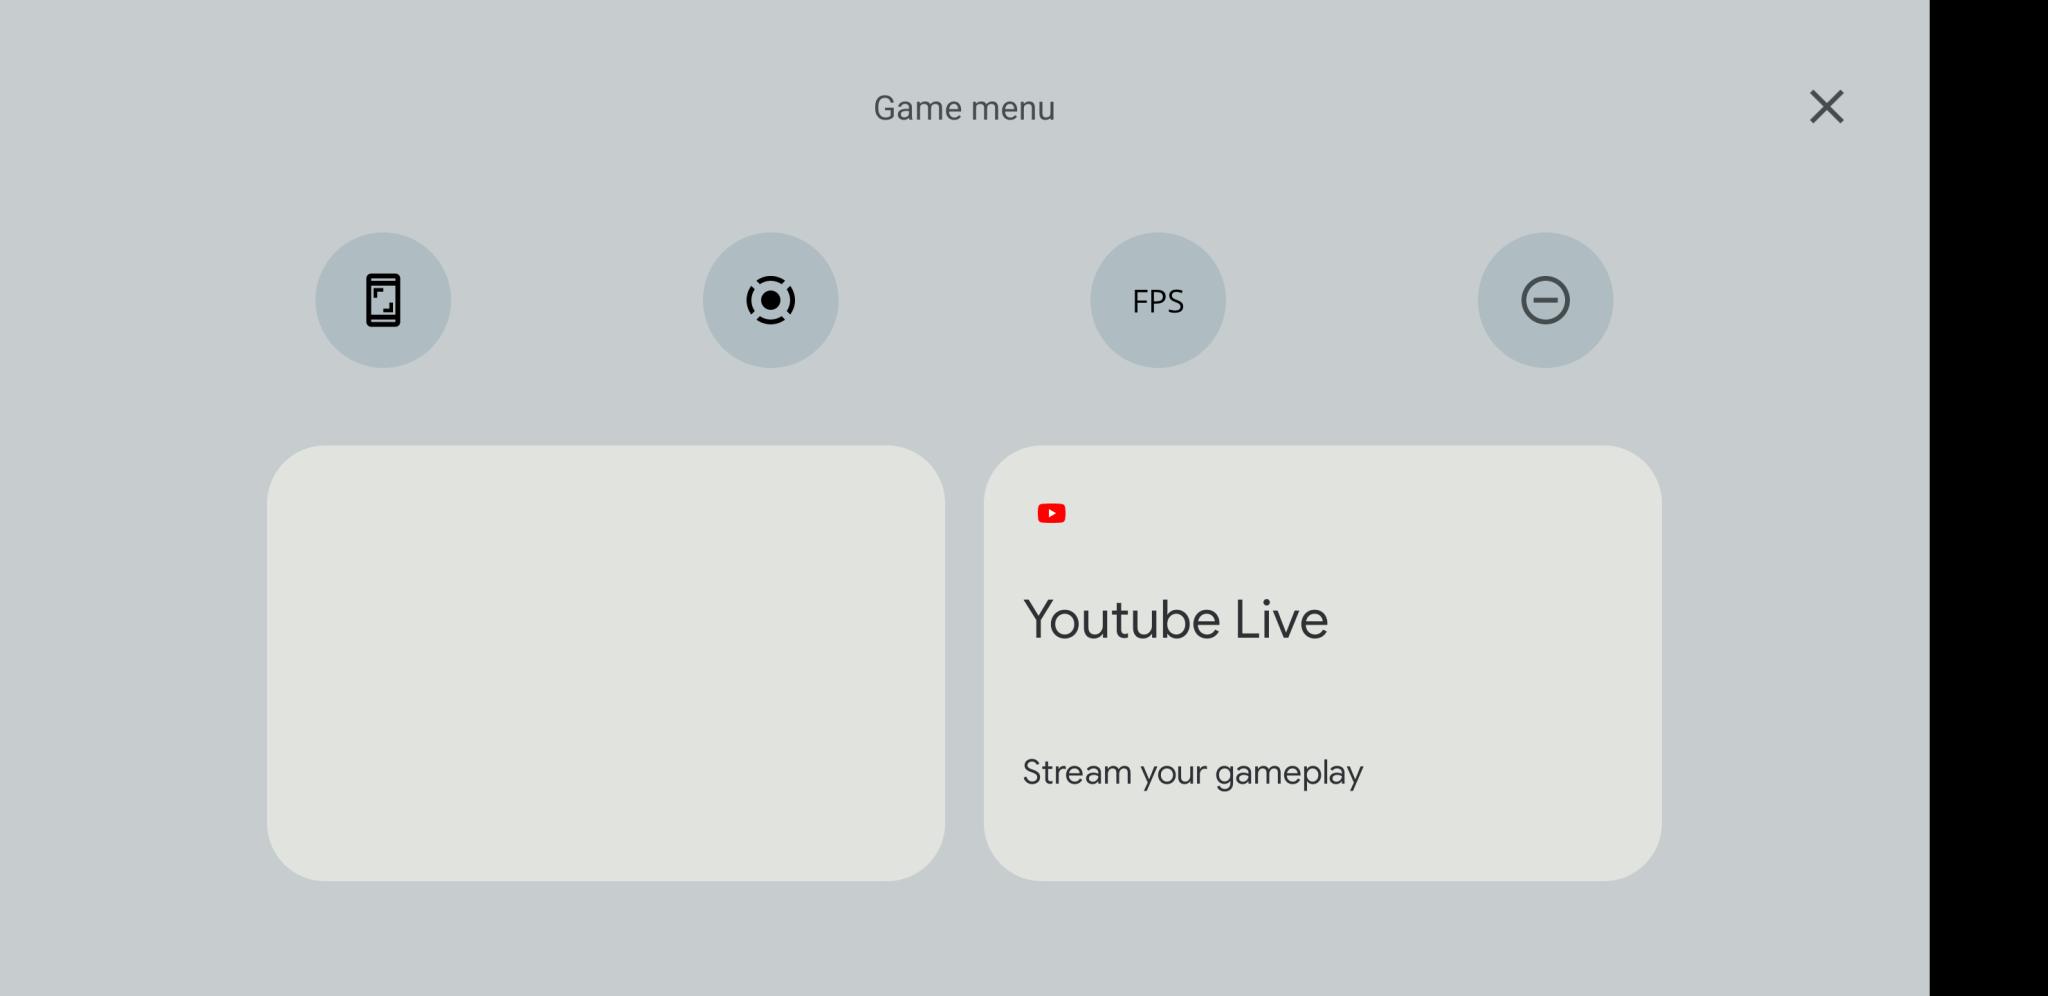 android 12 game menu